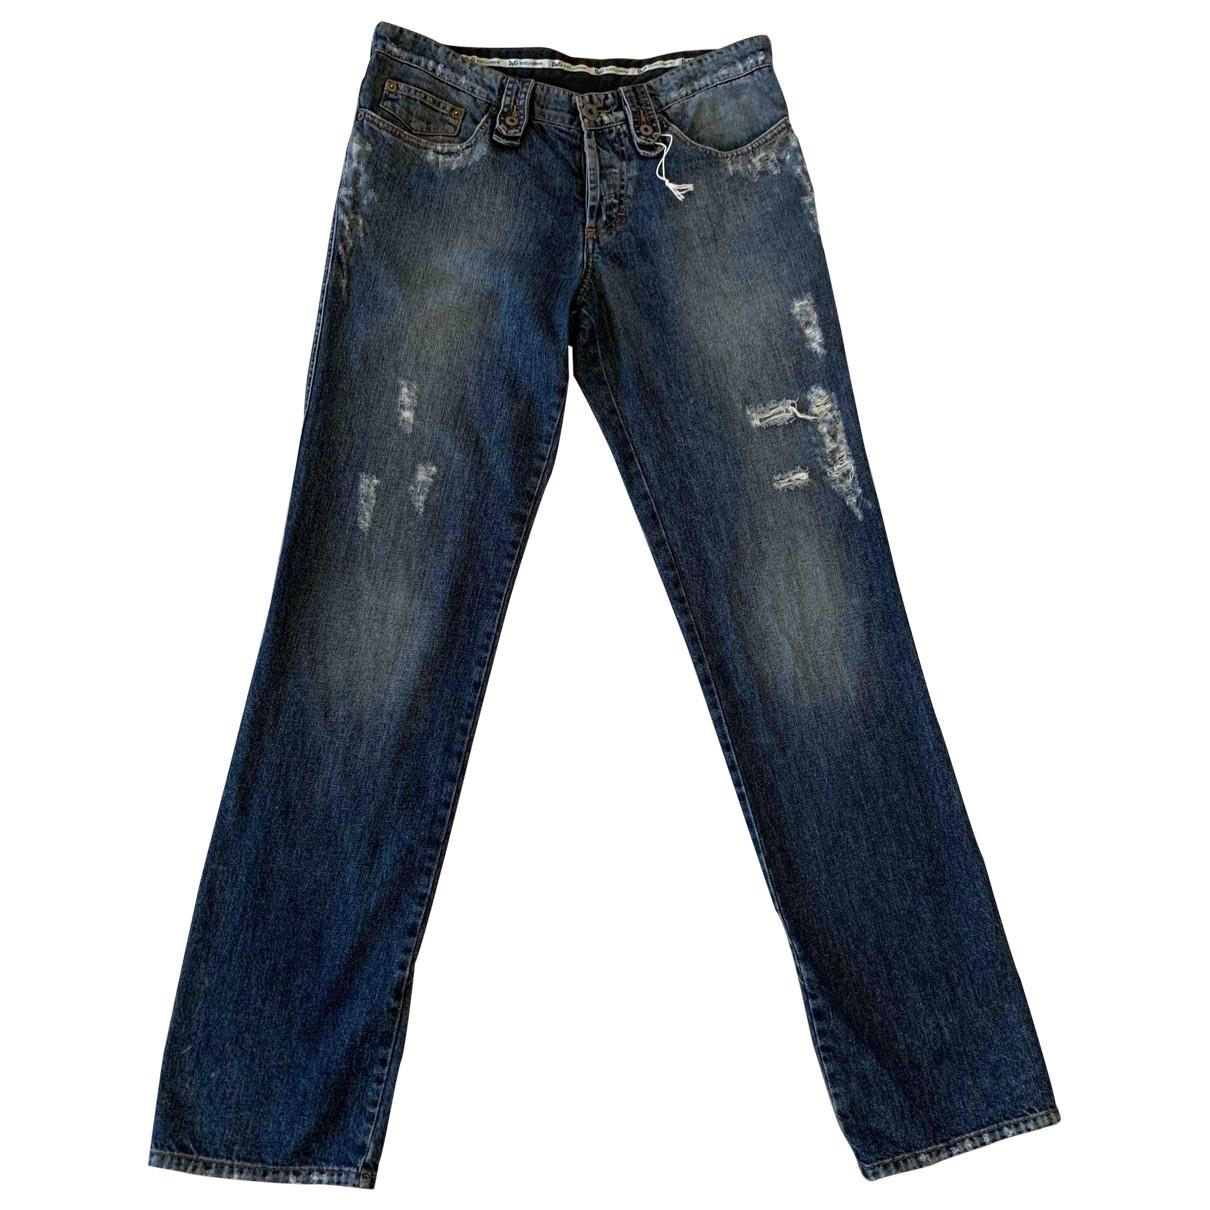 D&g - Jean   pour homme en coton - bleu